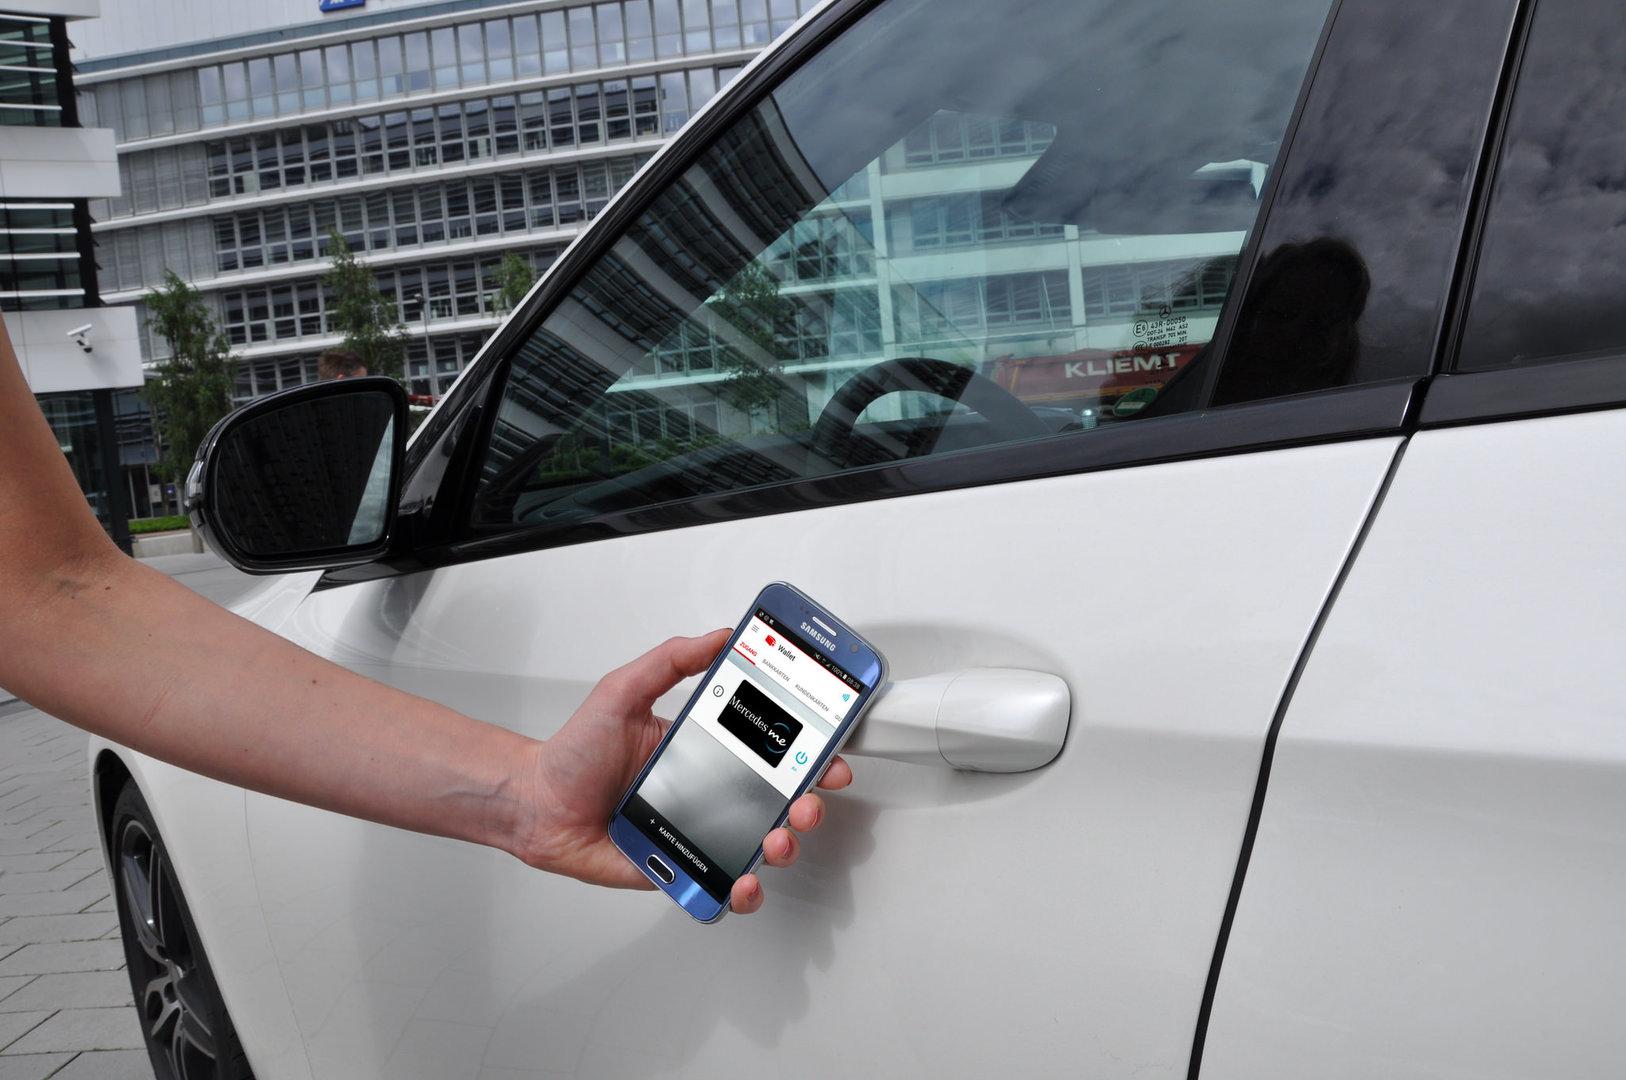 Das Smartphone mit NFC-SIM von Vodafone öffnet die E-Klasse